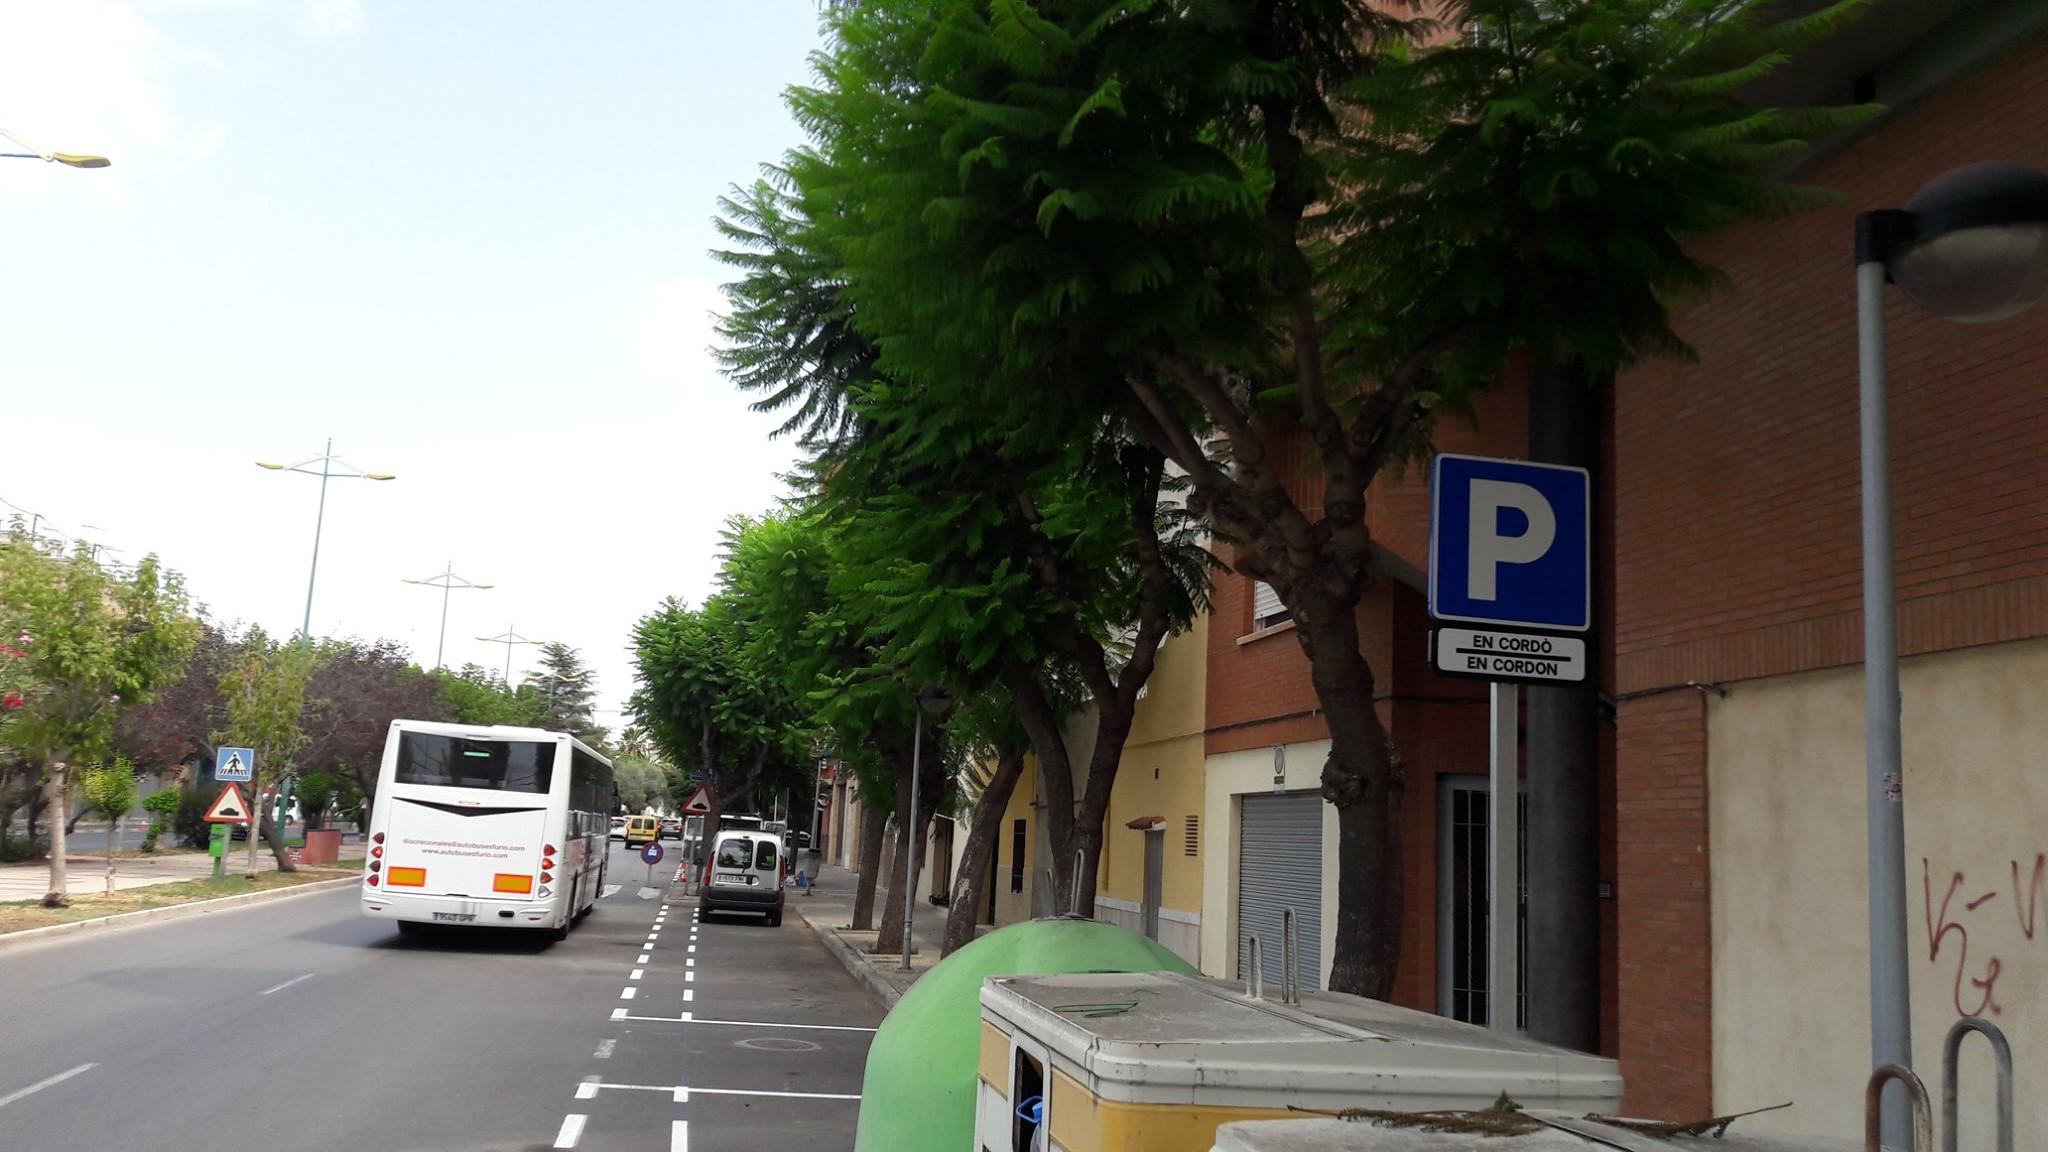 Reordenan el aparcamiento en la avenida Alemania y dotarán de nuevas plazas de estacionamiento la calle Jaume Roig.